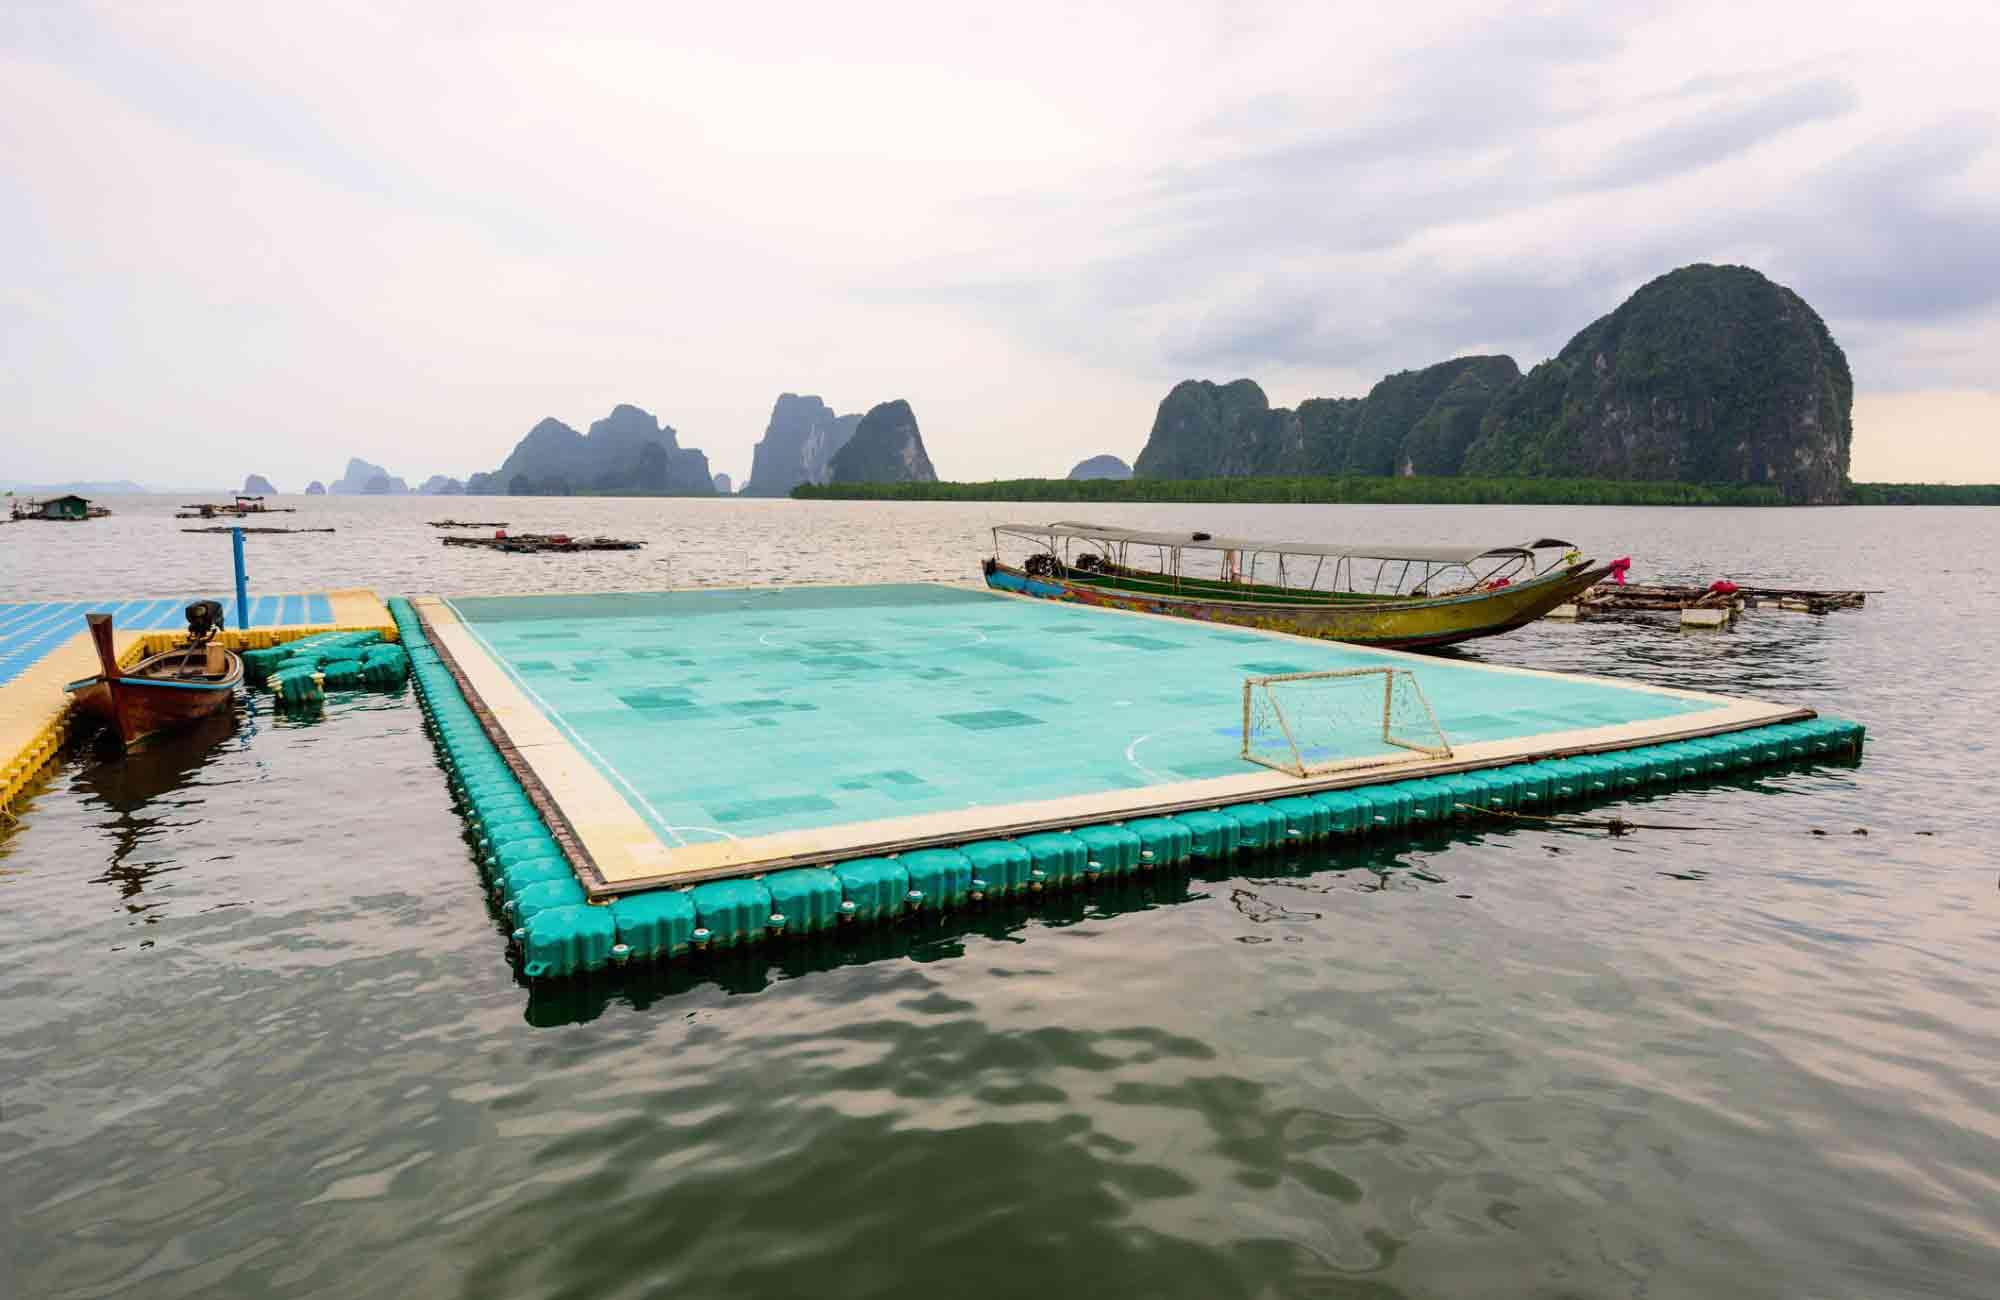 Surprenant, le terrain flottant de Koh Pan Yi